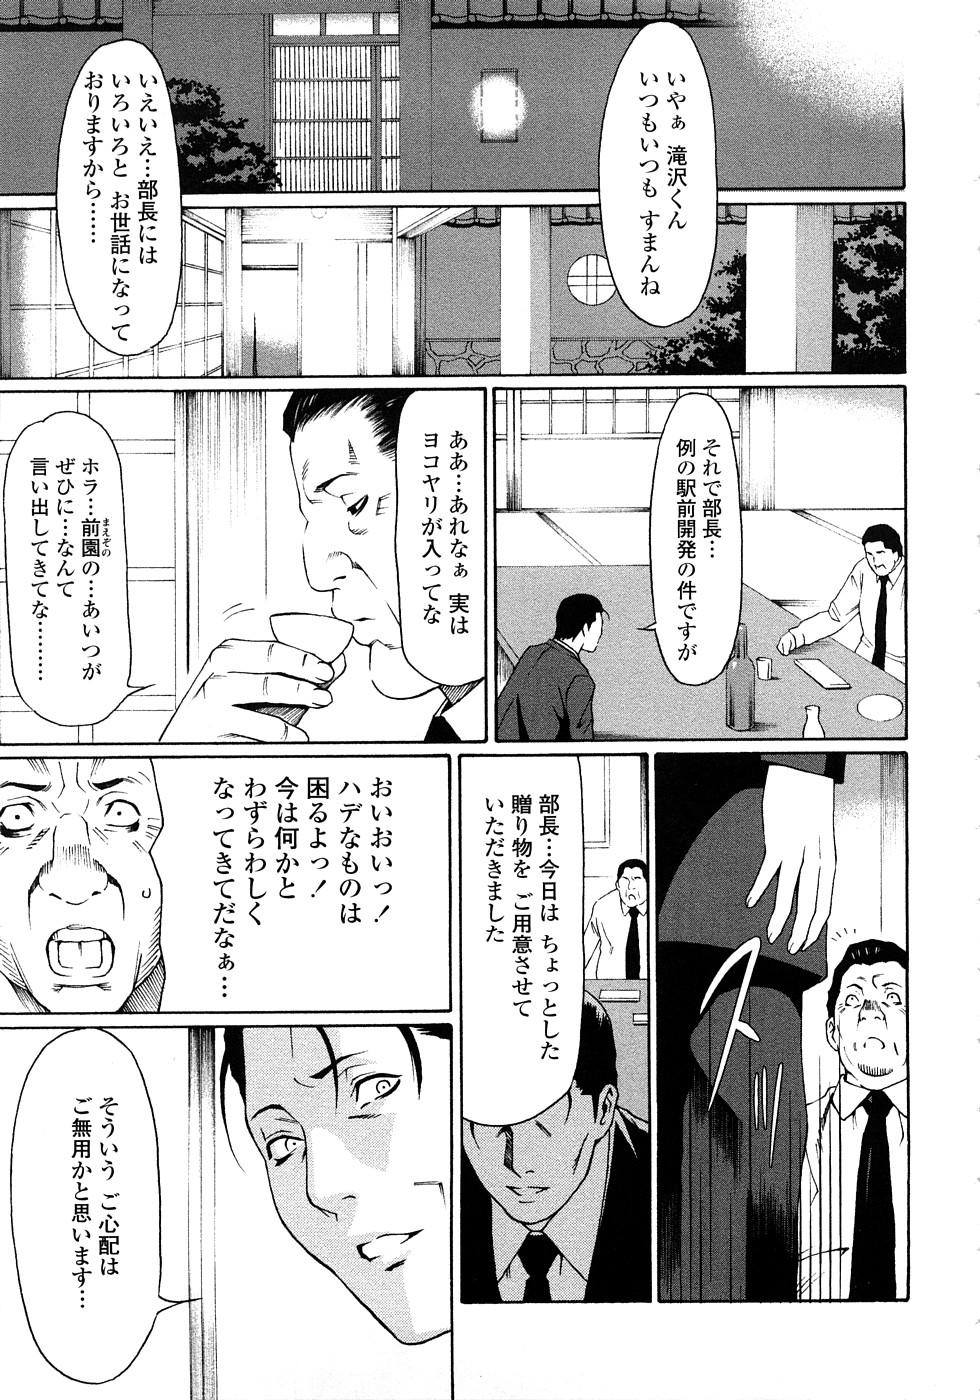 Etsuraku no Tobira - The Door of Sexual Pleasure 193